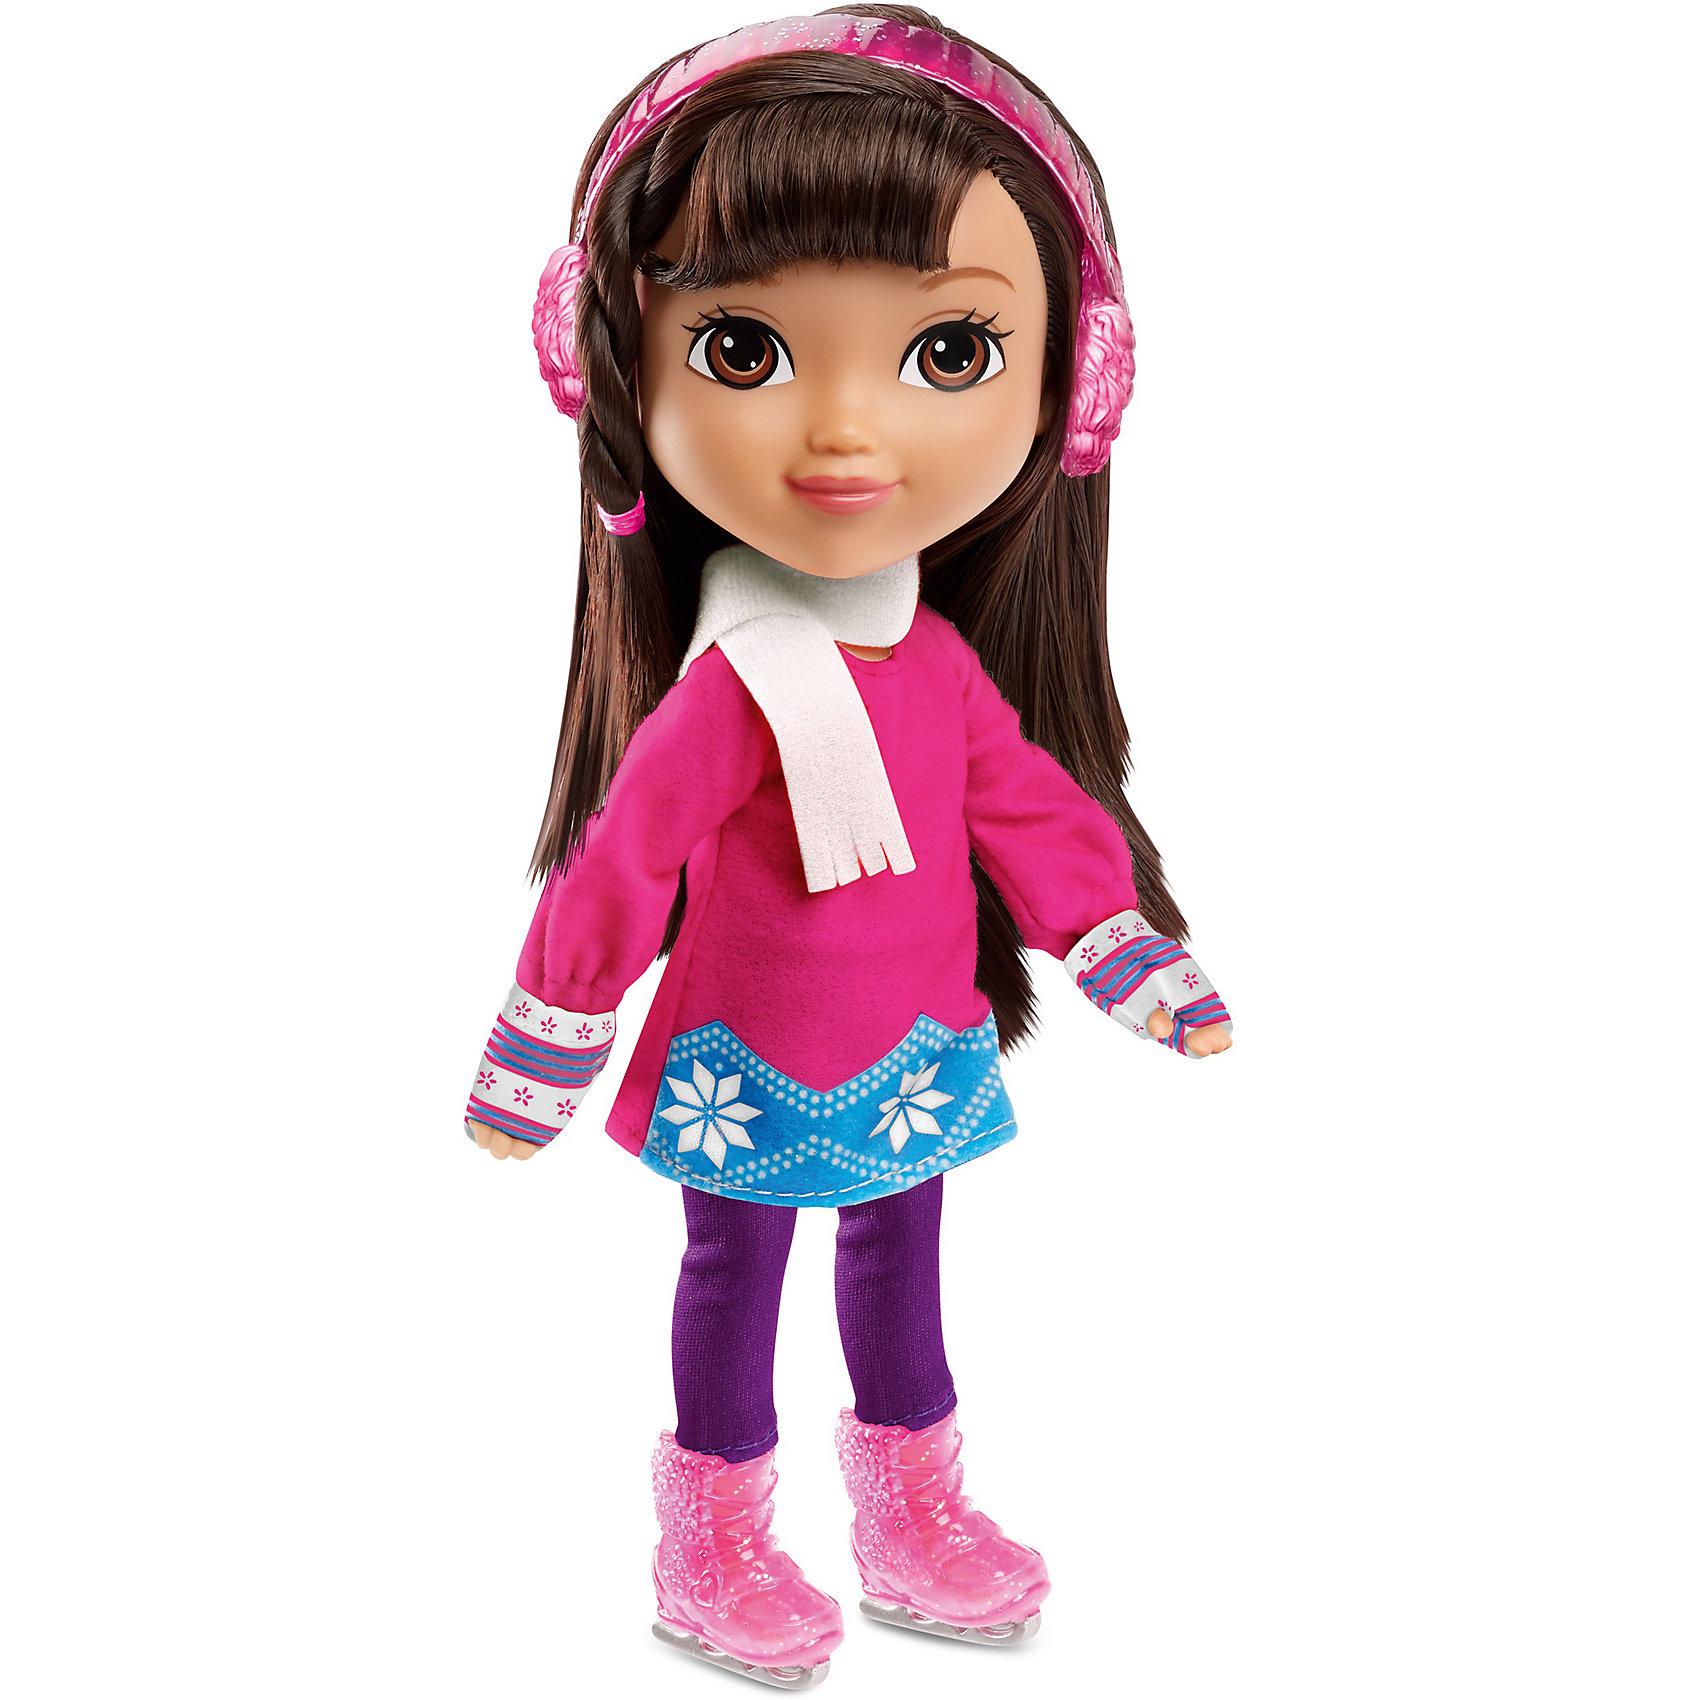 Кукла Даша-путешественница с аксессуарами, Fisher PriceКлассические куклы<br>Характеристики товара:<br><br>• возраст от 3 лет;<br>• материал: пластик, текстиль;<br>• в комплекте: кукла, аксессуары;<br>• высота куклы 20 см;<br>• размер упаковки 28х24х7 см;<br>• вес упаковки 436 гр.;<br>• страна производитель: Китай.<br><br>Кукла Даша-путешественница с аксессуарами Fisher Price — героиня известного мультсериала про улыбчивую и любопытную Дашу, которая любит путешествовать и постоянно что-то исследовать и узнавать. У Даши большие глаза и мягкие темные волосы, которые можно расчесывать, заплетать и украшать. В комплекте аксессуары, с которыми Даша может активно провести зимнюю прогулку: коньки, сноуборд, защитный шлем. Во время увлекательной игры с куклой девочка может придумывать свои истории и сюжеты.<br><br>Куклу Дашу-путешественницу с аксессуарами Fisher Price можно приобрести в нашем интернет-магазине.<br><br>Ширина мм: 240<br>Глубина мм: 70<br>Высота мм: 280<br>Вес г: 436<br>Возраст от месяцев: 36<br>Возраст до месяцев: 120<br>Пол: Женский<br>Возраст: Детский<br>SKU: 6673384